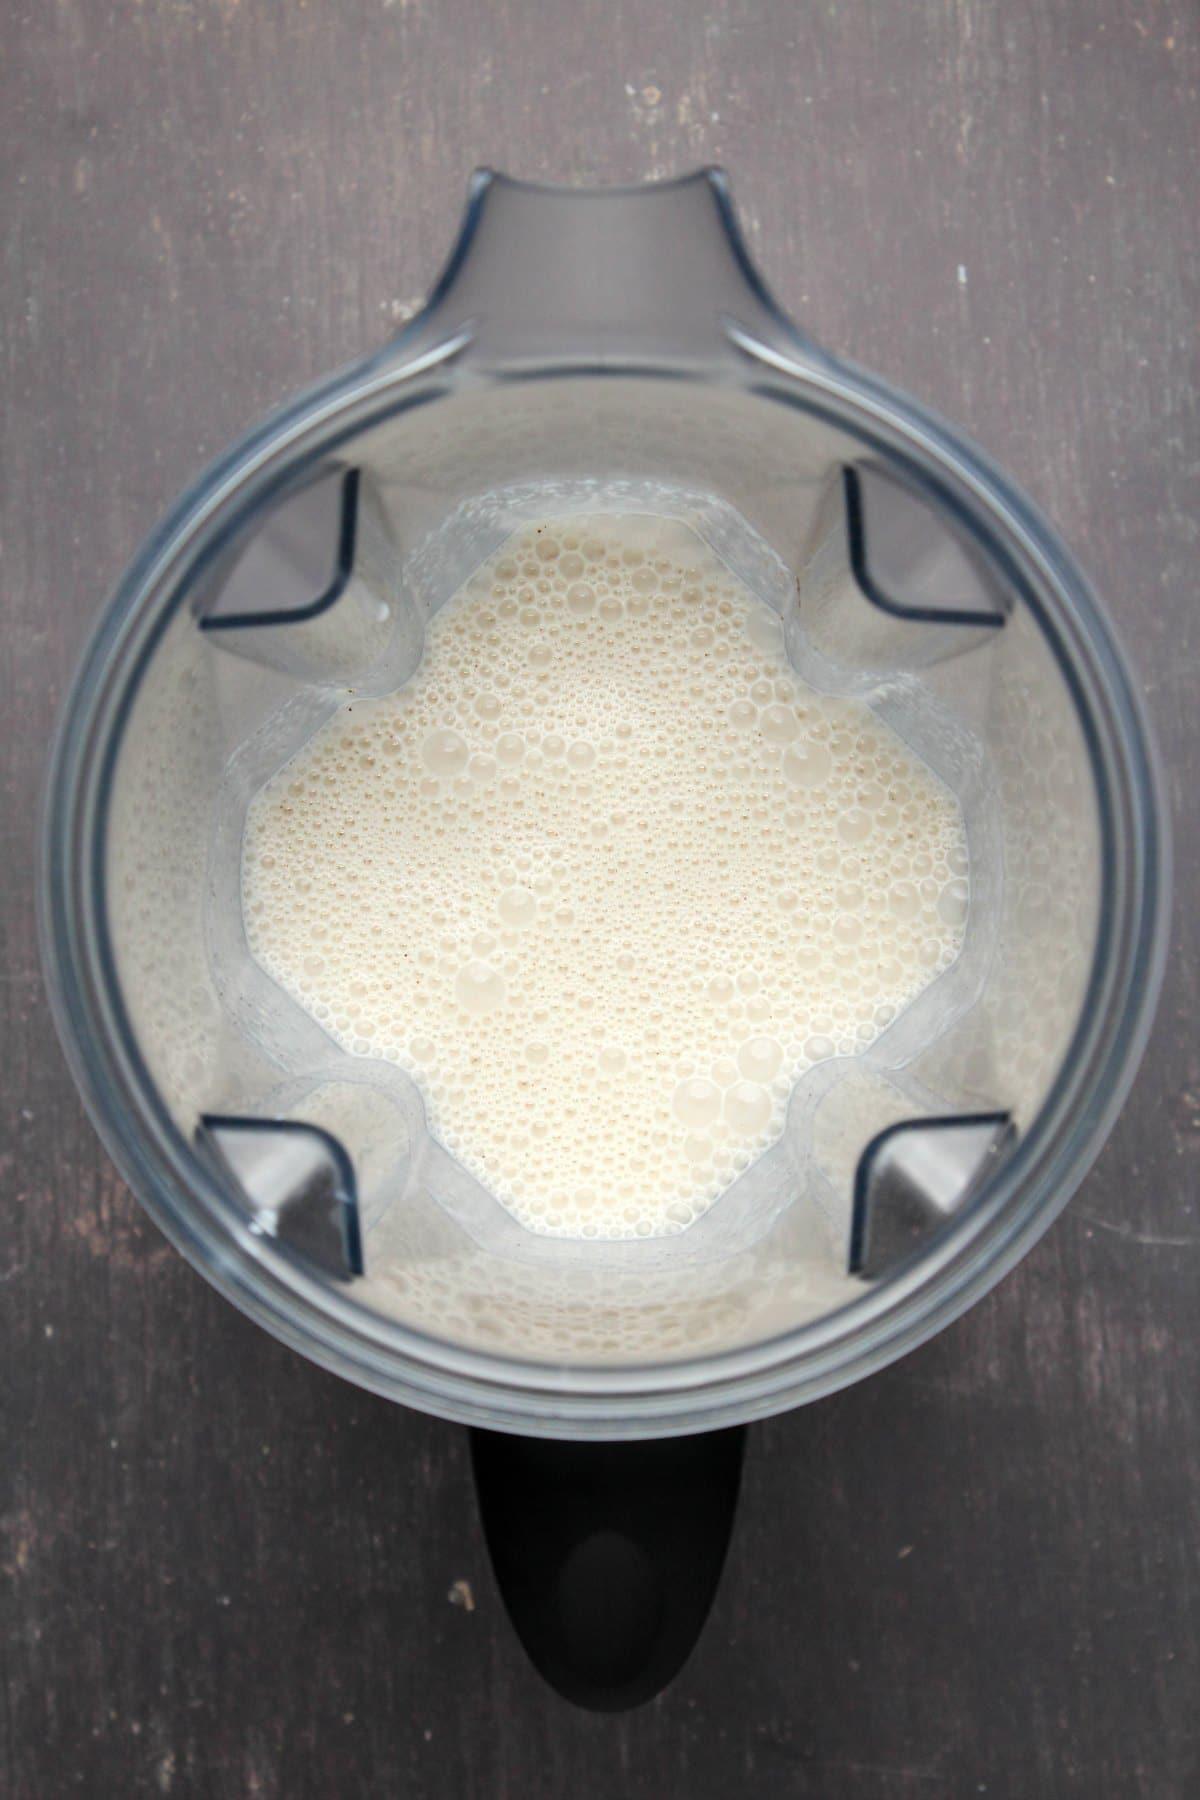 Blended mixture in a blended jug.